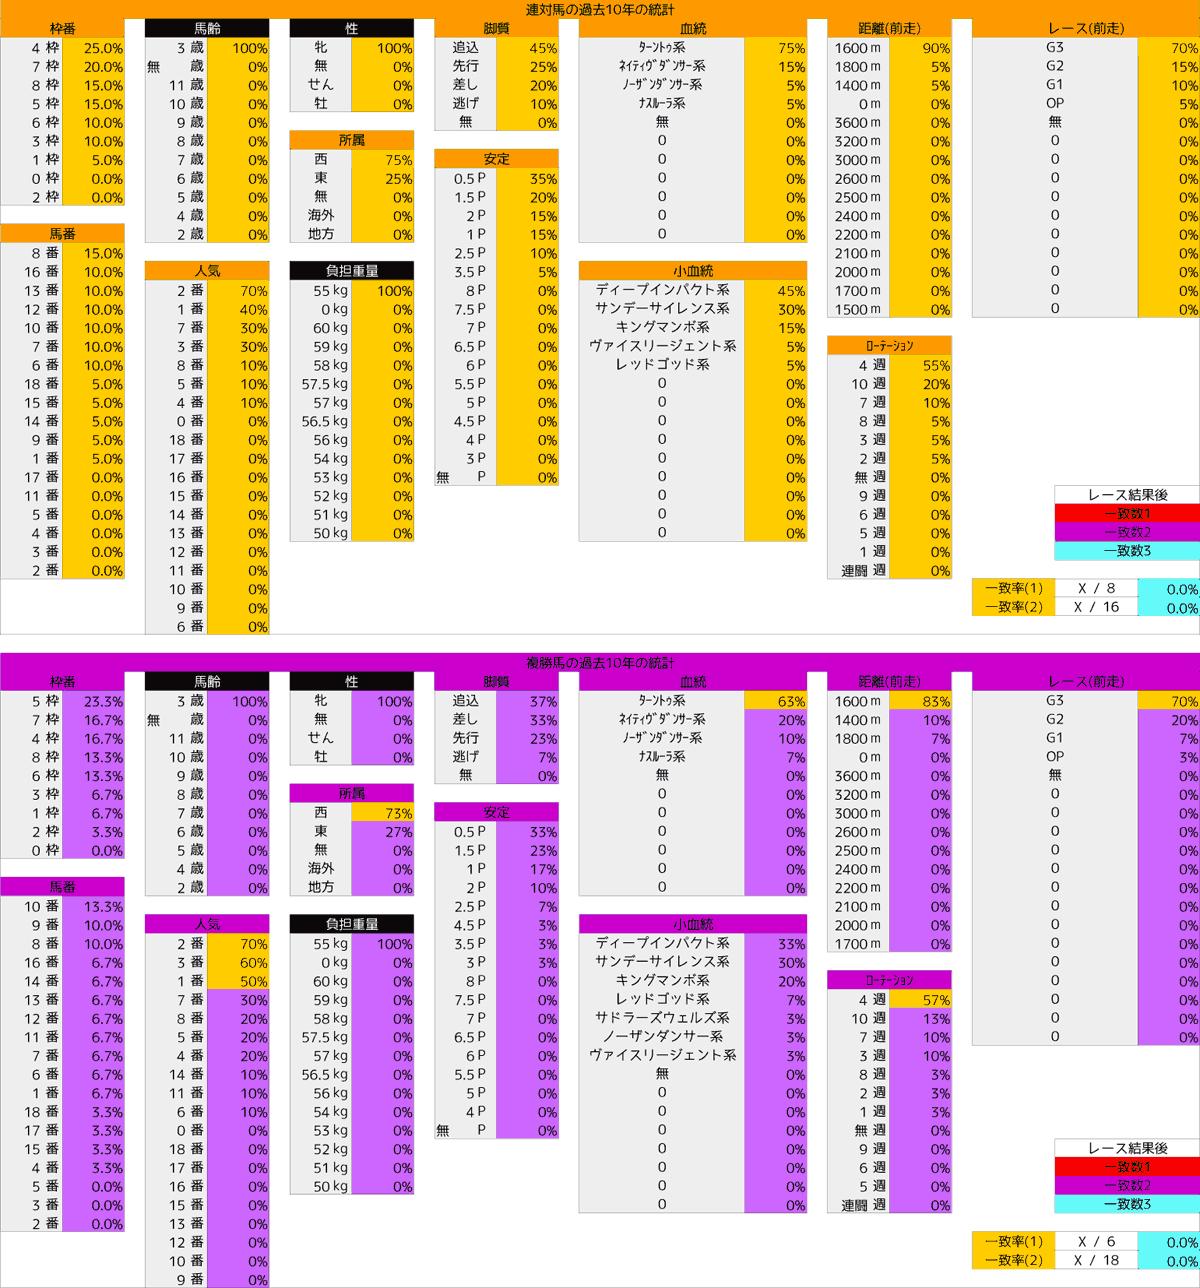 0412_統計4_桜花賞2